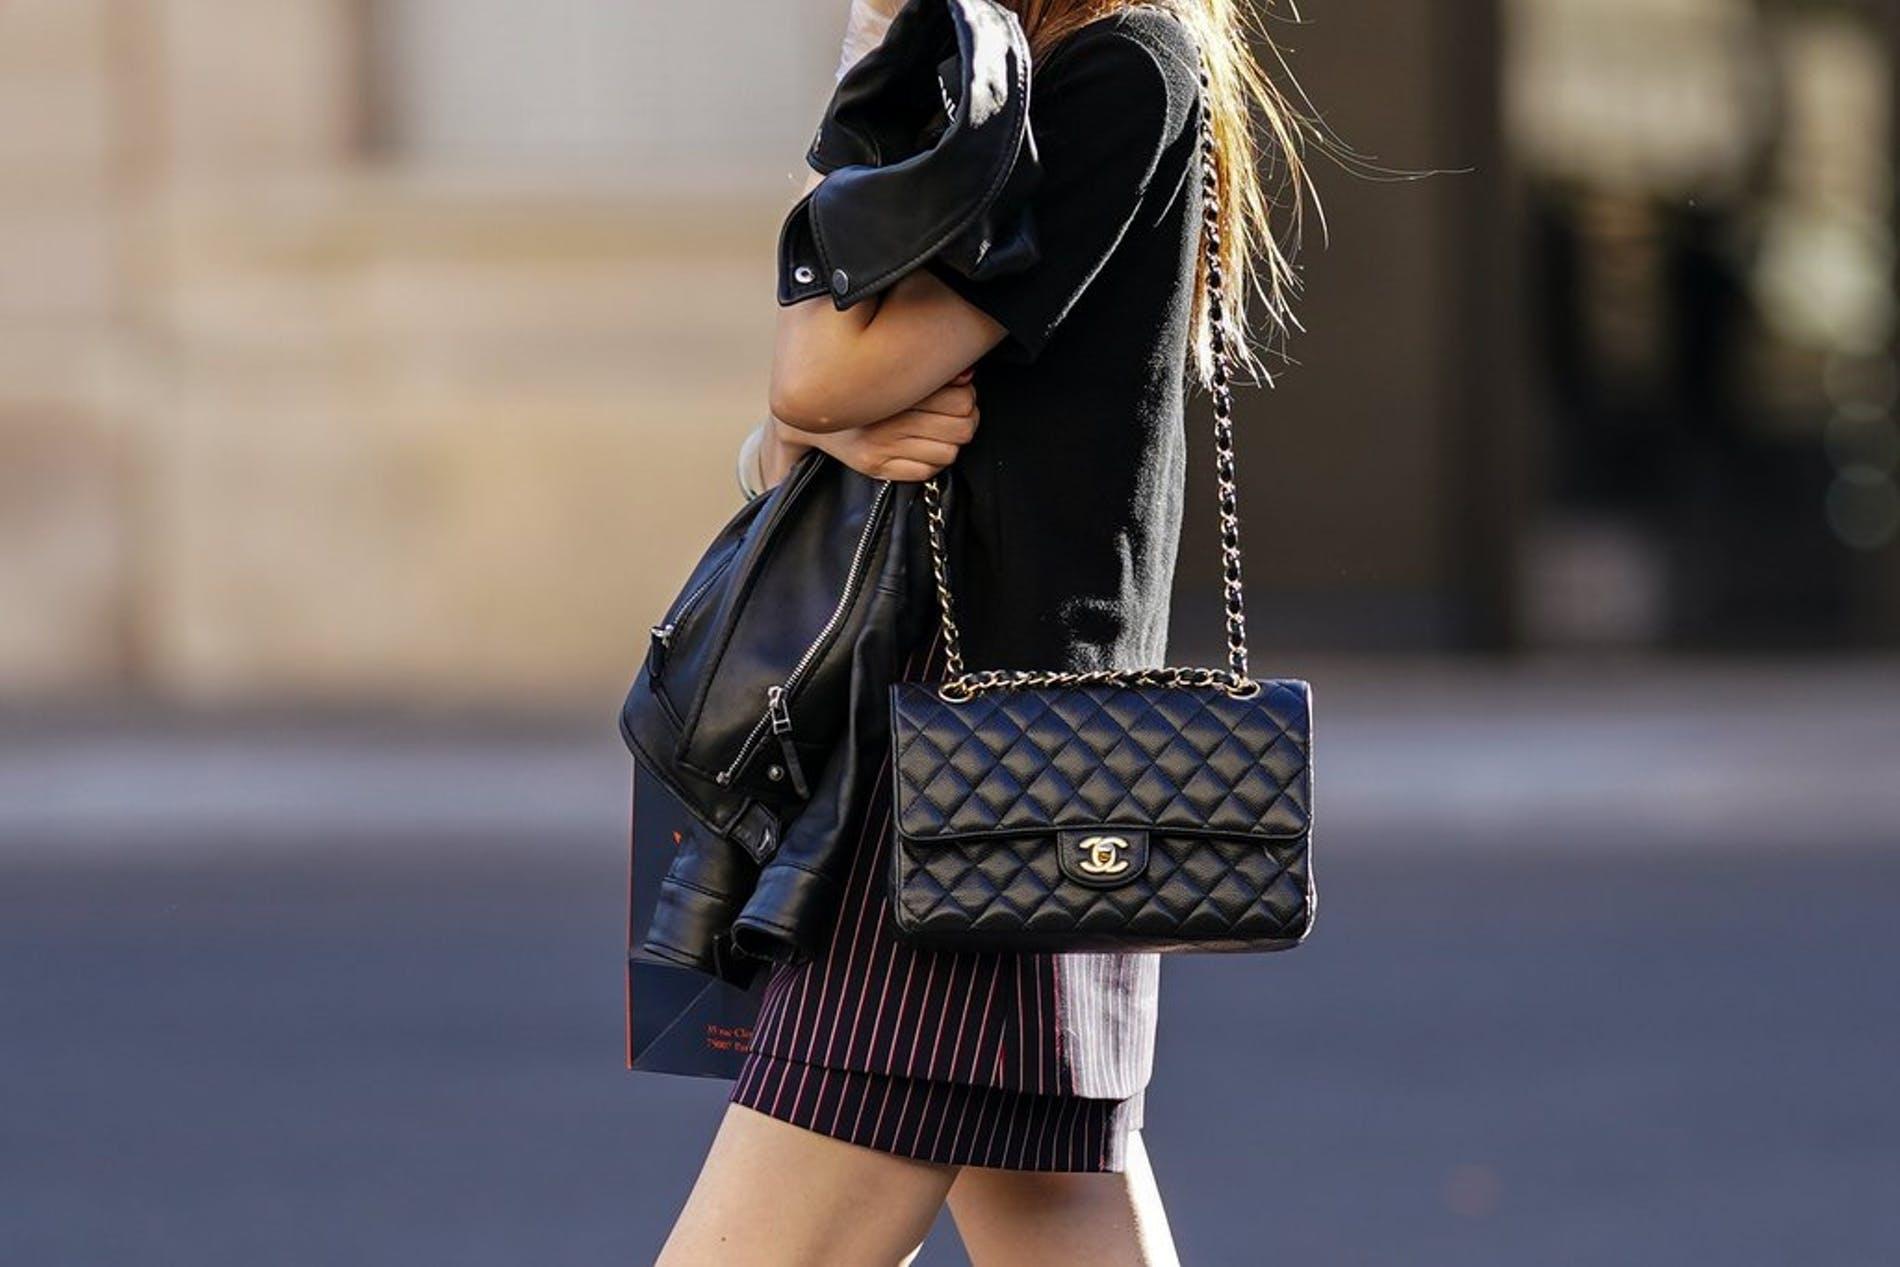 Недоступная роскошь: модный Дом Chanel ввел лимит на покупку сумок - фото №1